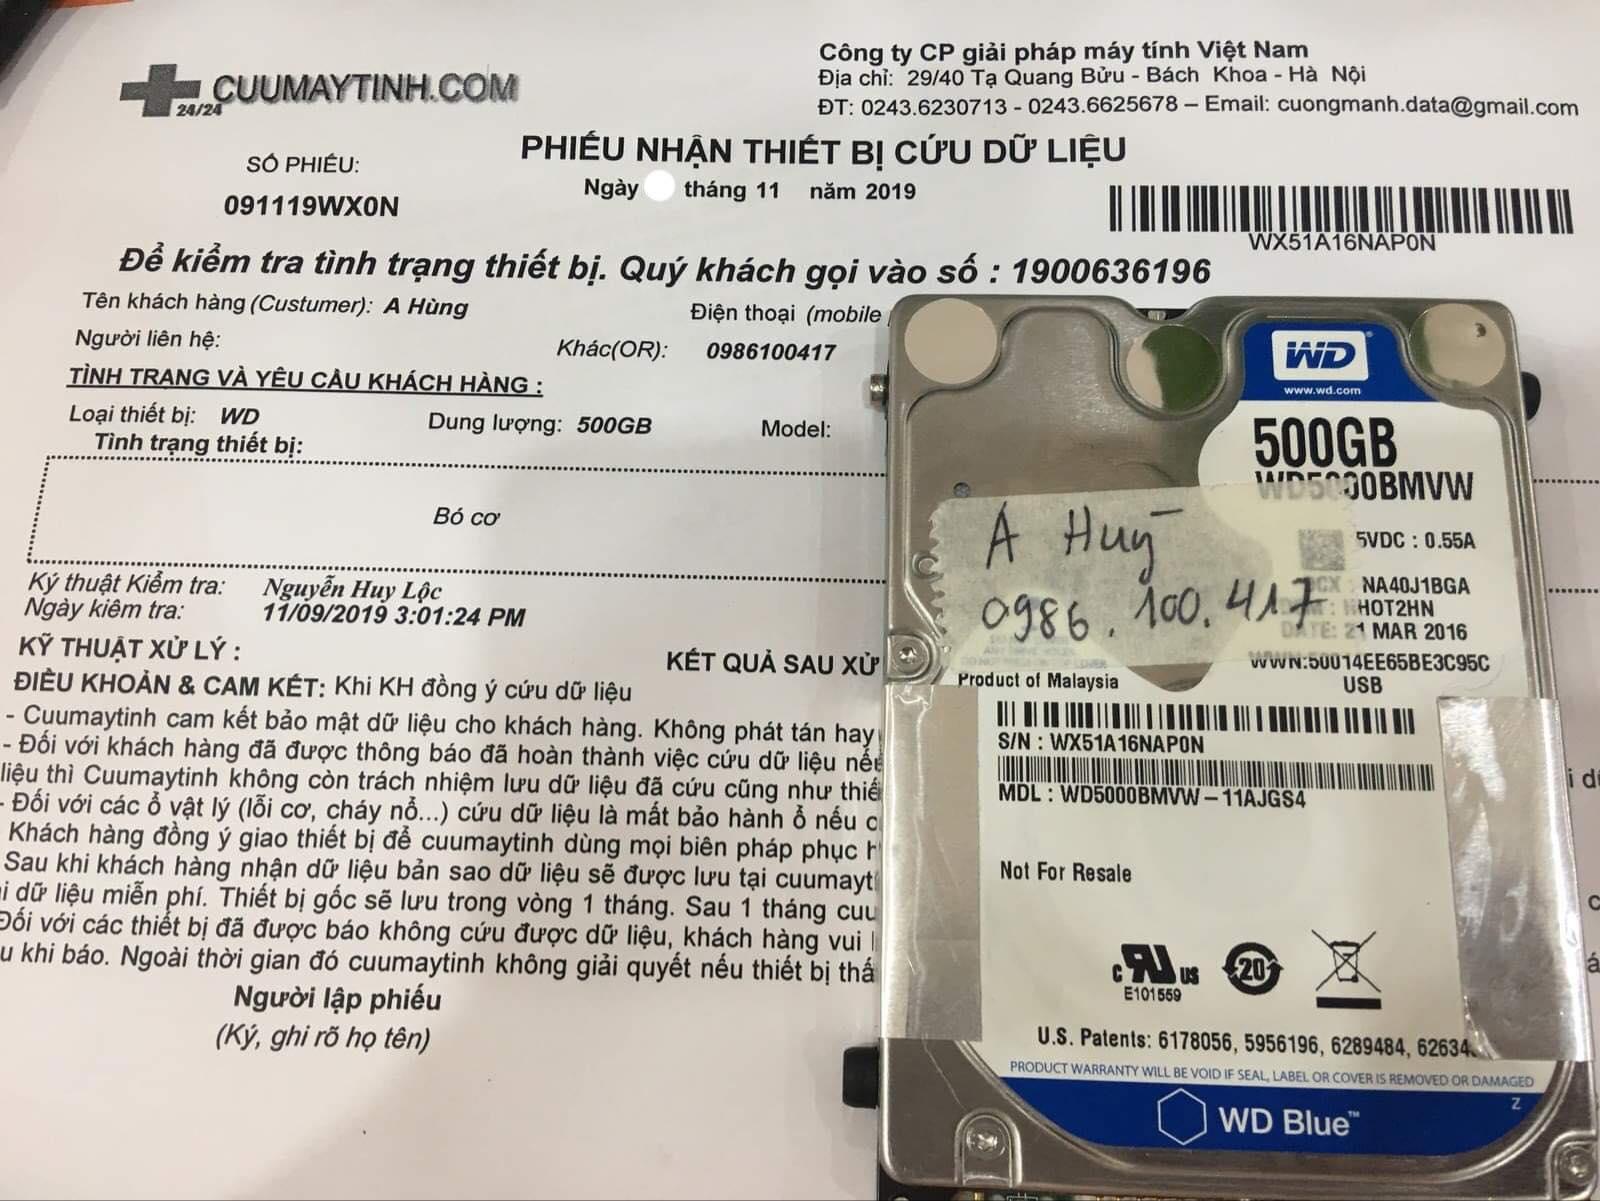 Cứu dữ liệu ổ cứng Western 500GB bó cơ 13/11/2019 - cuumaytinh